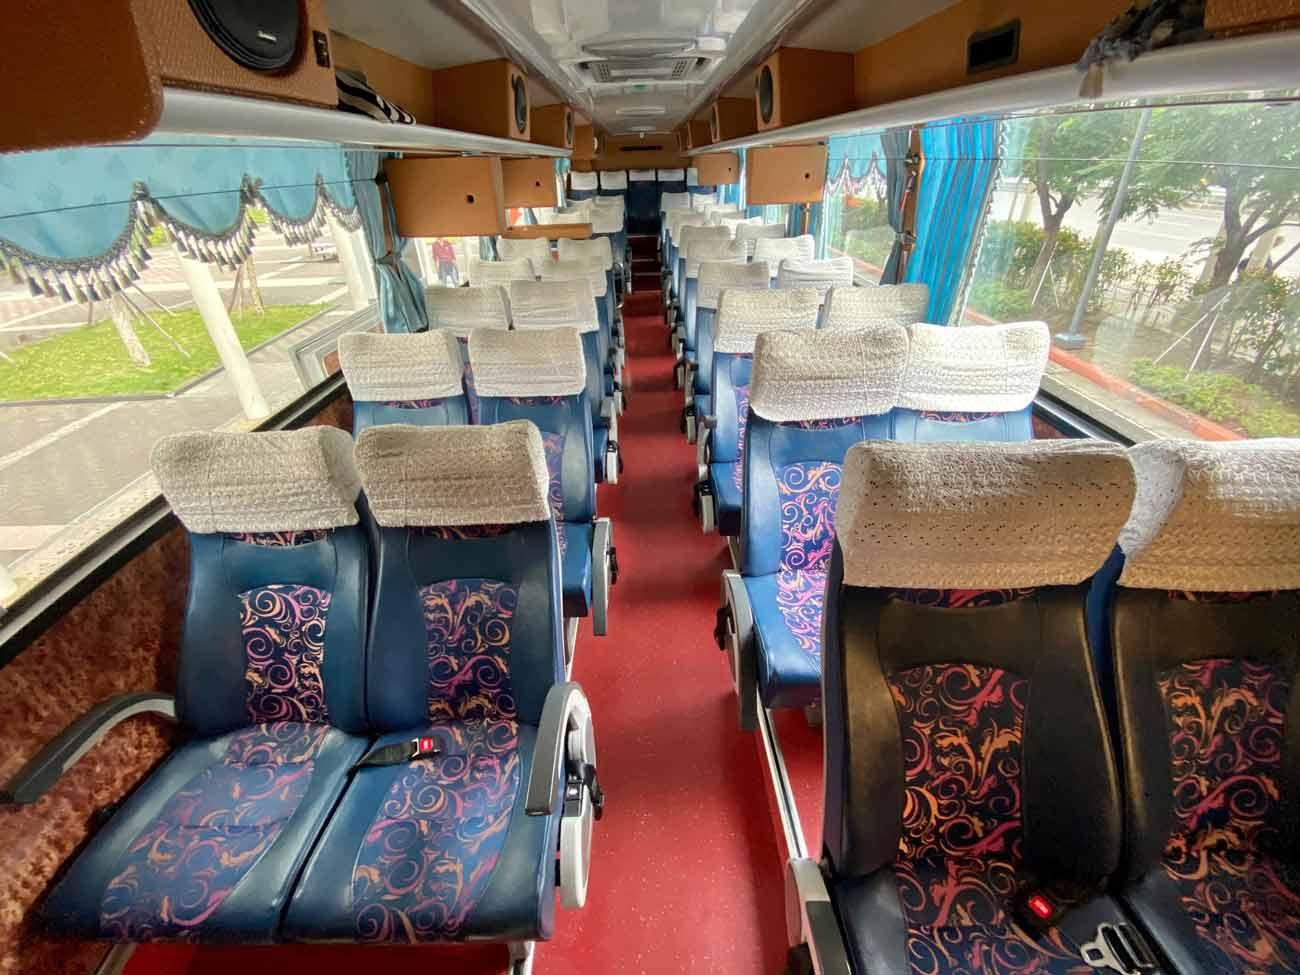 kenting bus express tourist